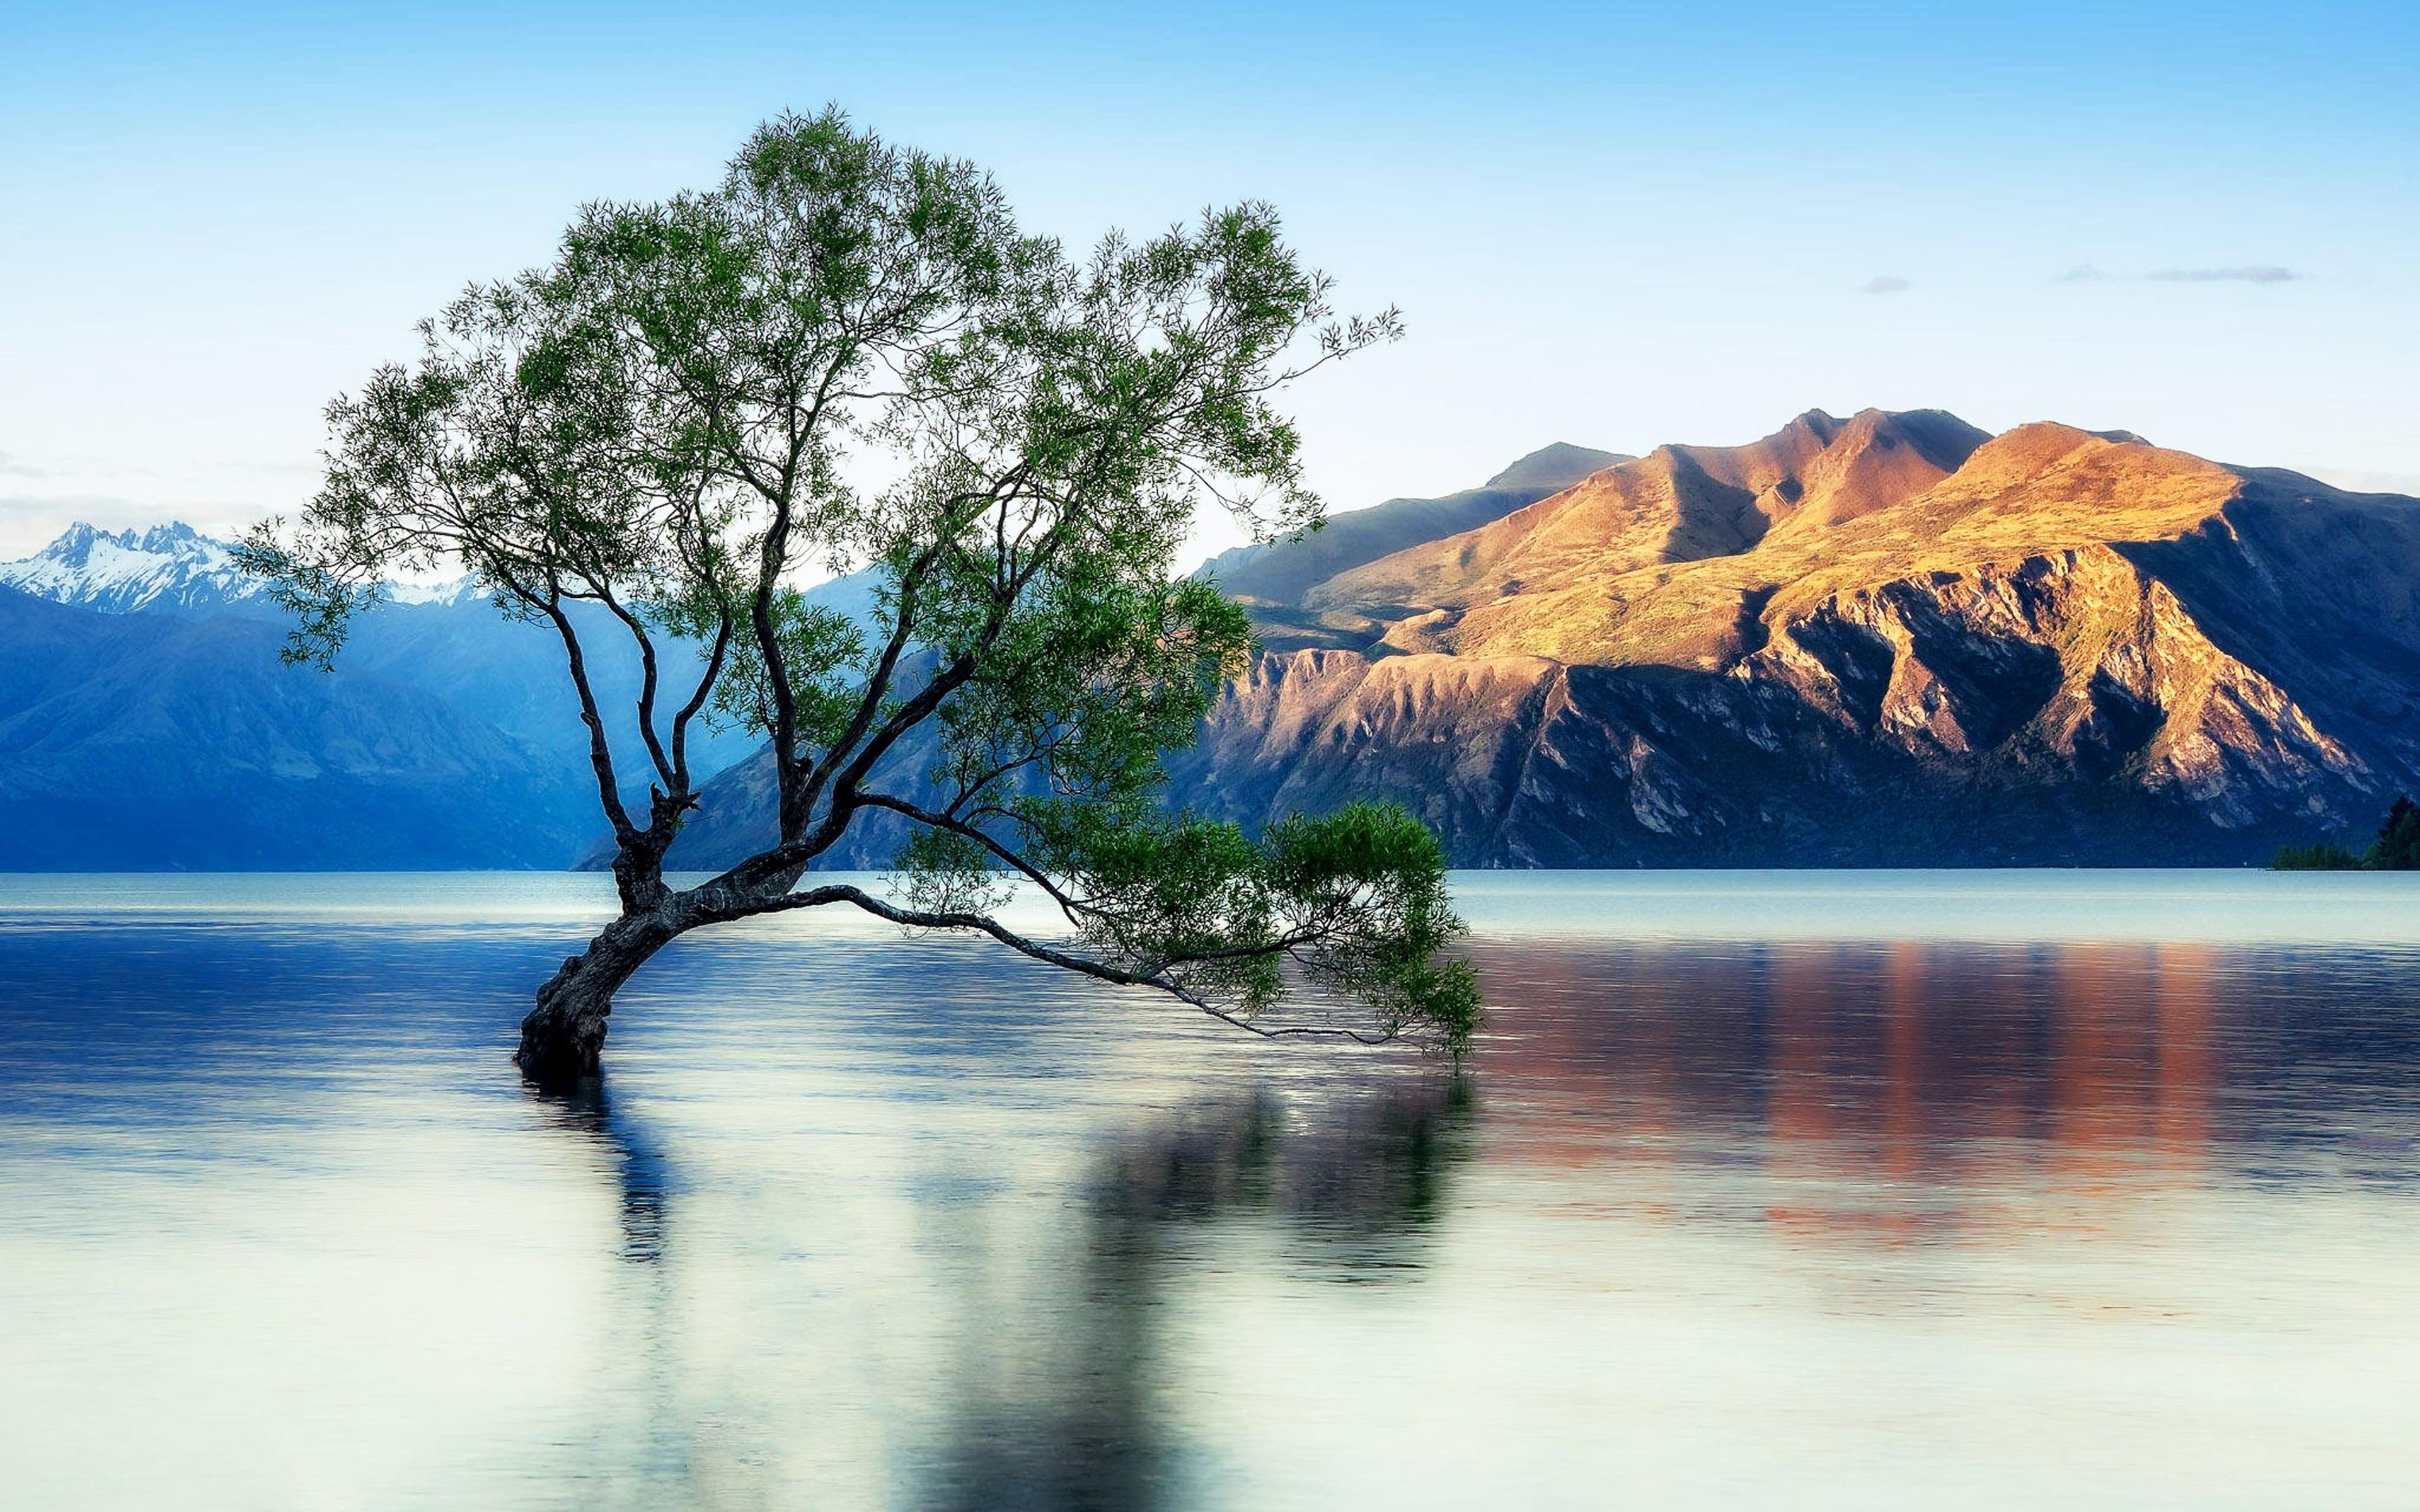 Lake Wanaka Beautiful Reflection New Zealand Wallpaper - New Zealand High Res , HD Wallpaper & Backgrounds